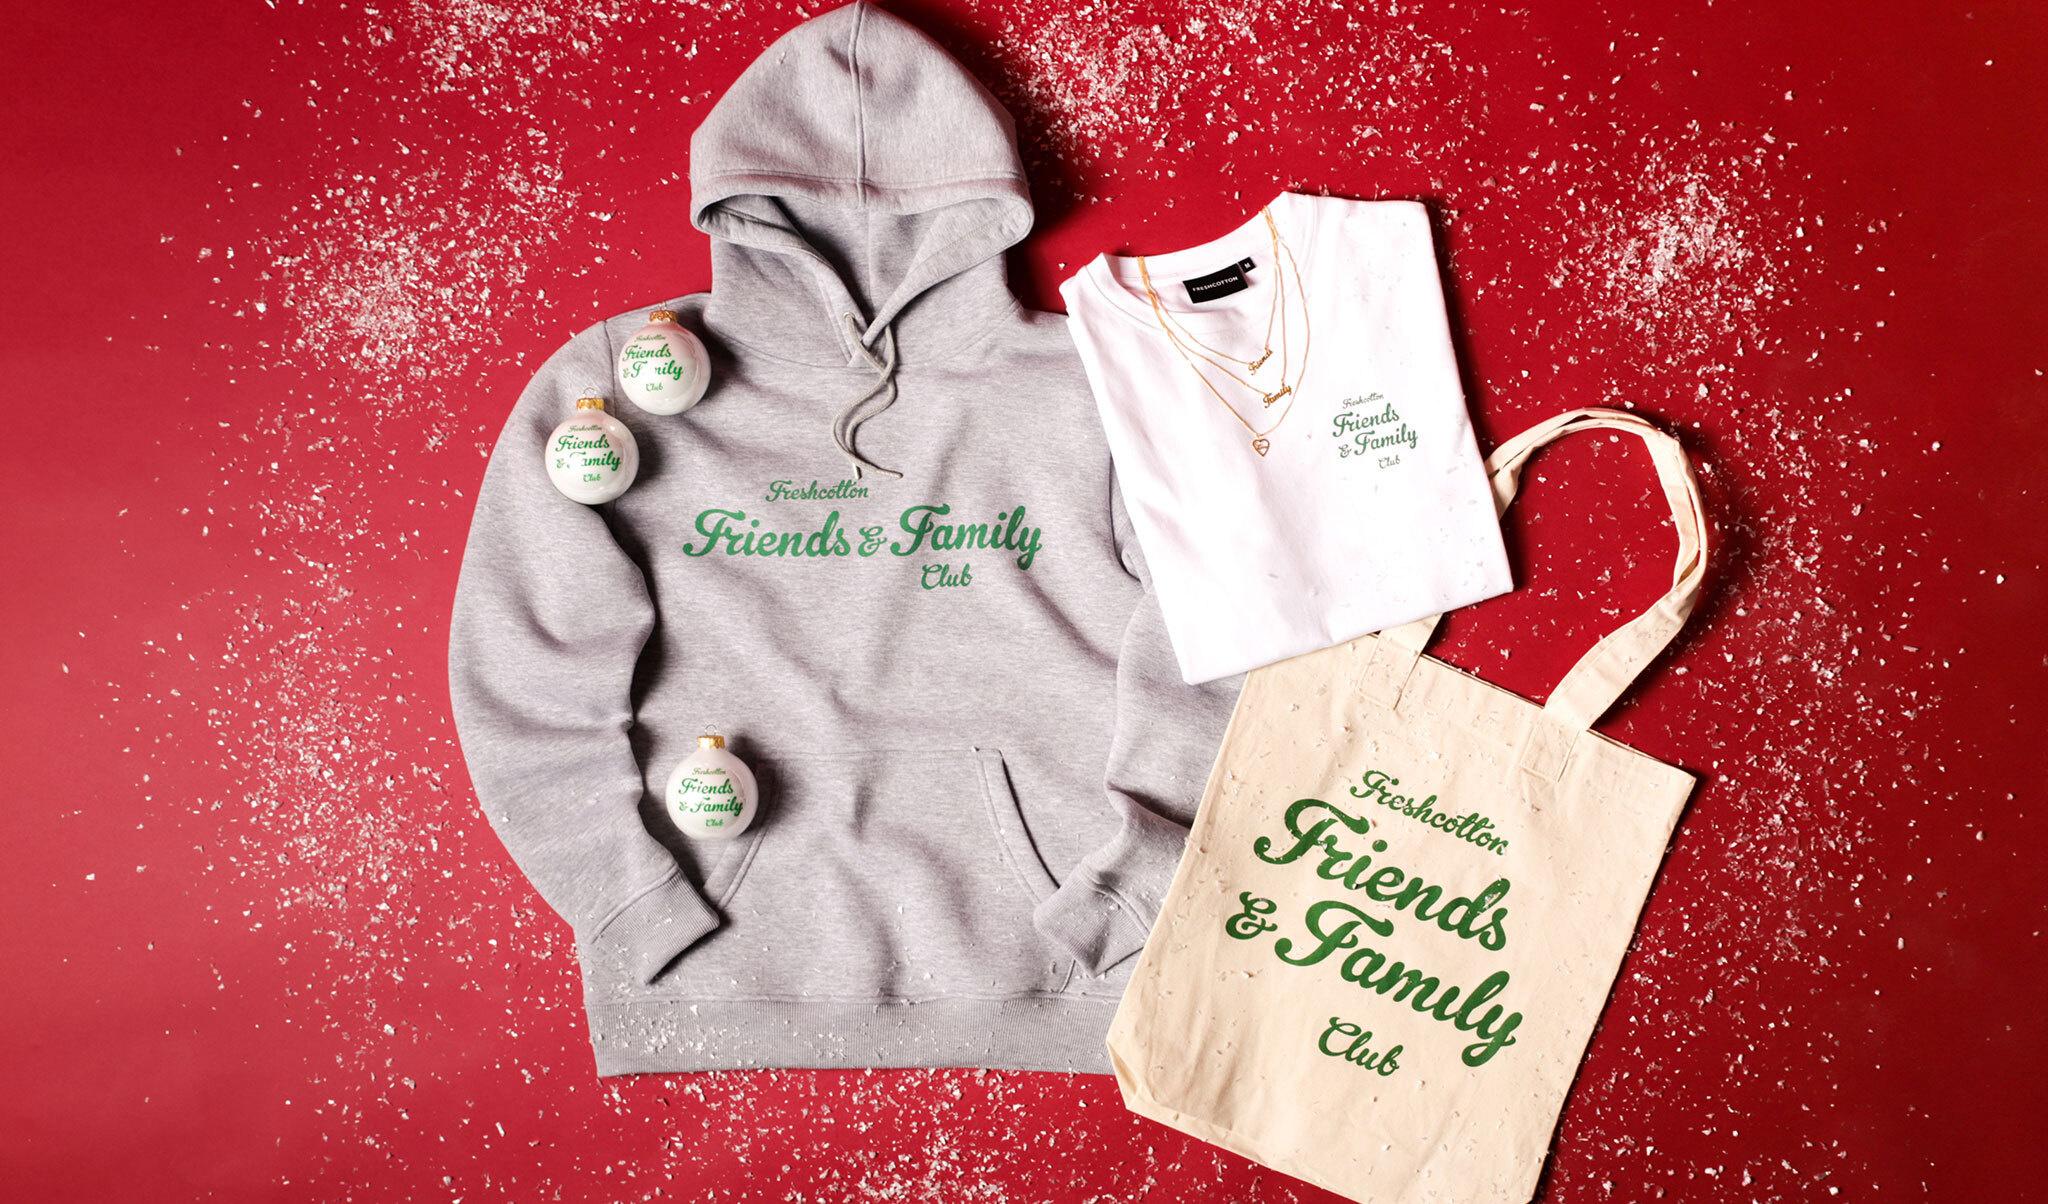 Freshcotton Online Pop-up Giftshop